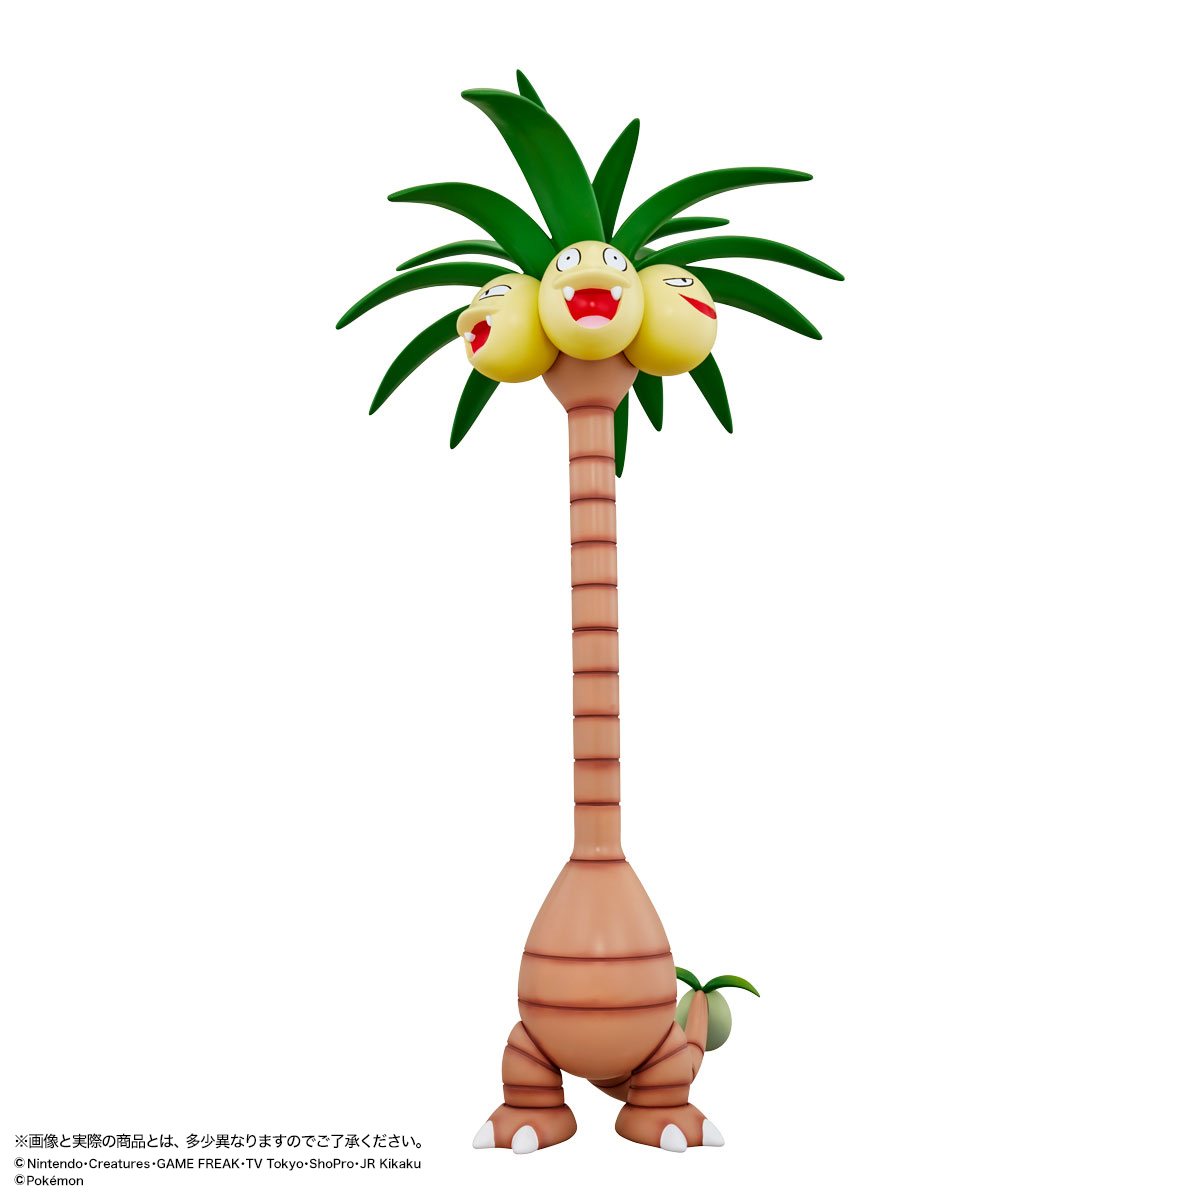 ポケモン」アローラナッシーが全高約1mでフィギュア化 なが~い首や尻尾